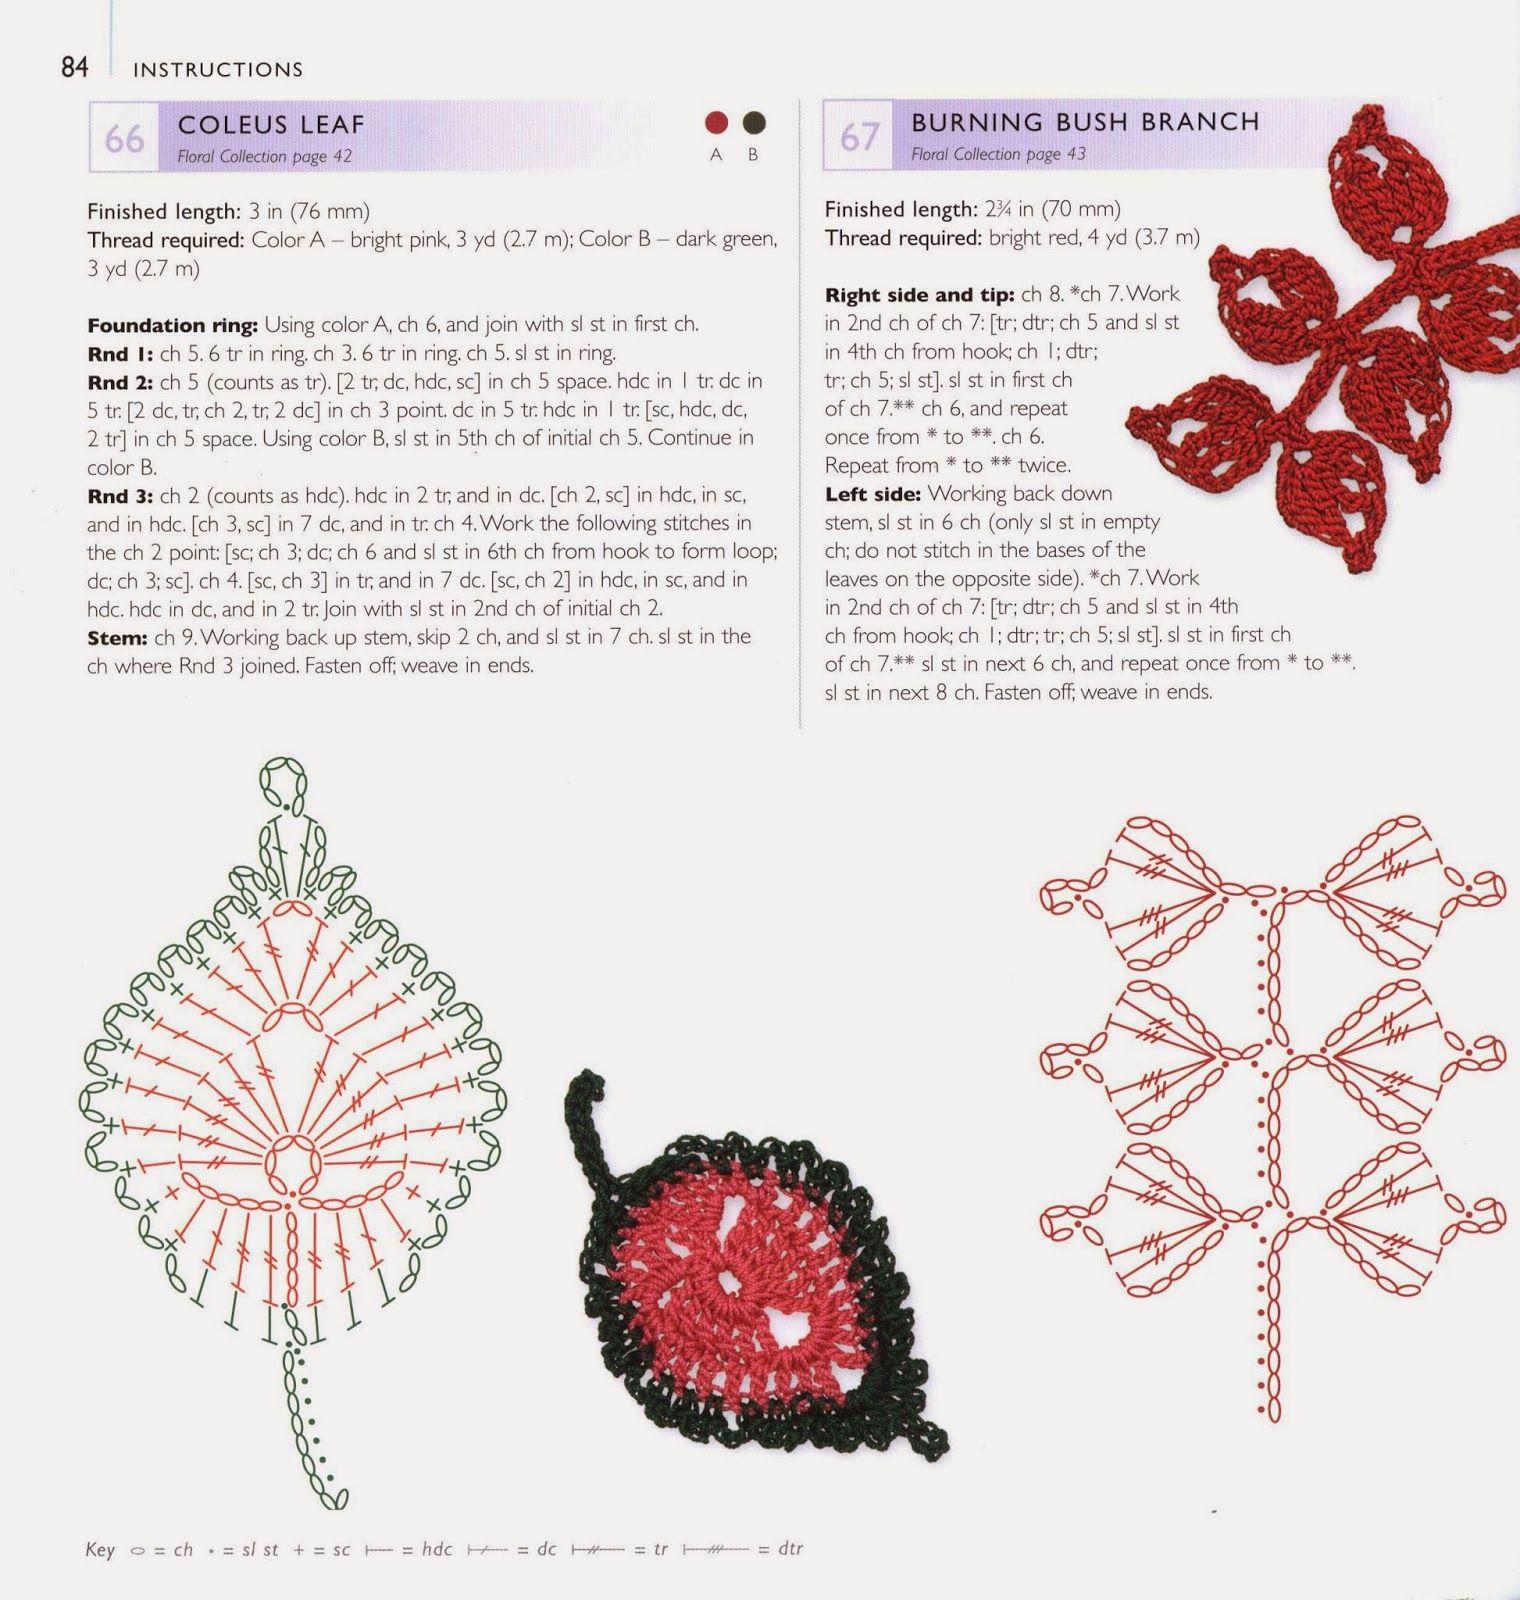 Ivelise Feito Mo Vrios Motivos De Folhas Em Croch Crochet Rose Flower Diagram Flowers 7 Ru 100 Lace To Nezabud Ka